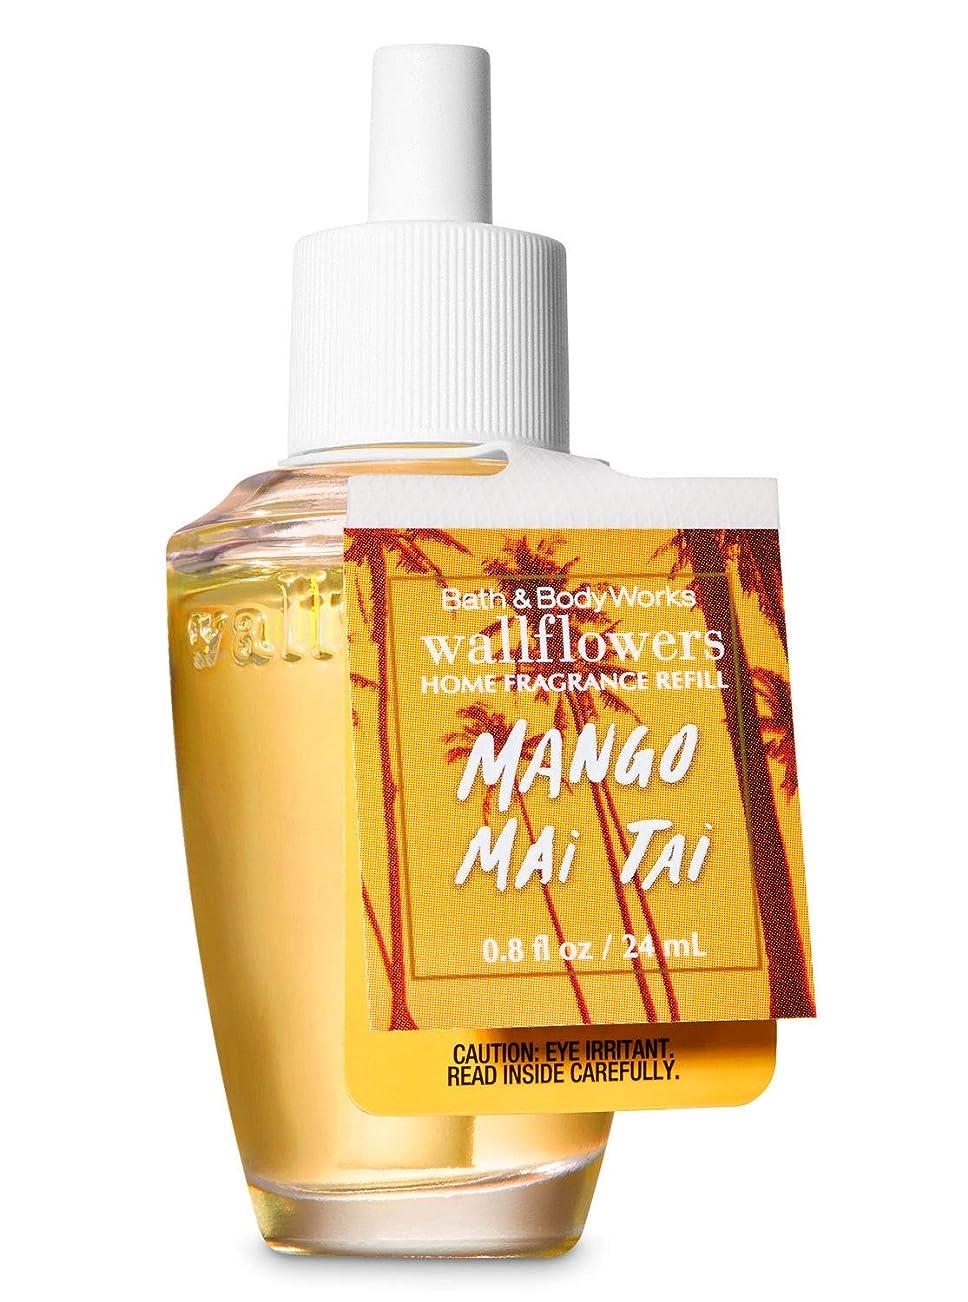 不健康ピストル割れ目【Bath&Body Works/バス&ボディワークス】 ルームフレグランス 詰替えリフィル マンゴーマイタイ Wallflowers Home Fragrance Refill Mango Mai Tai [並行輸入品]